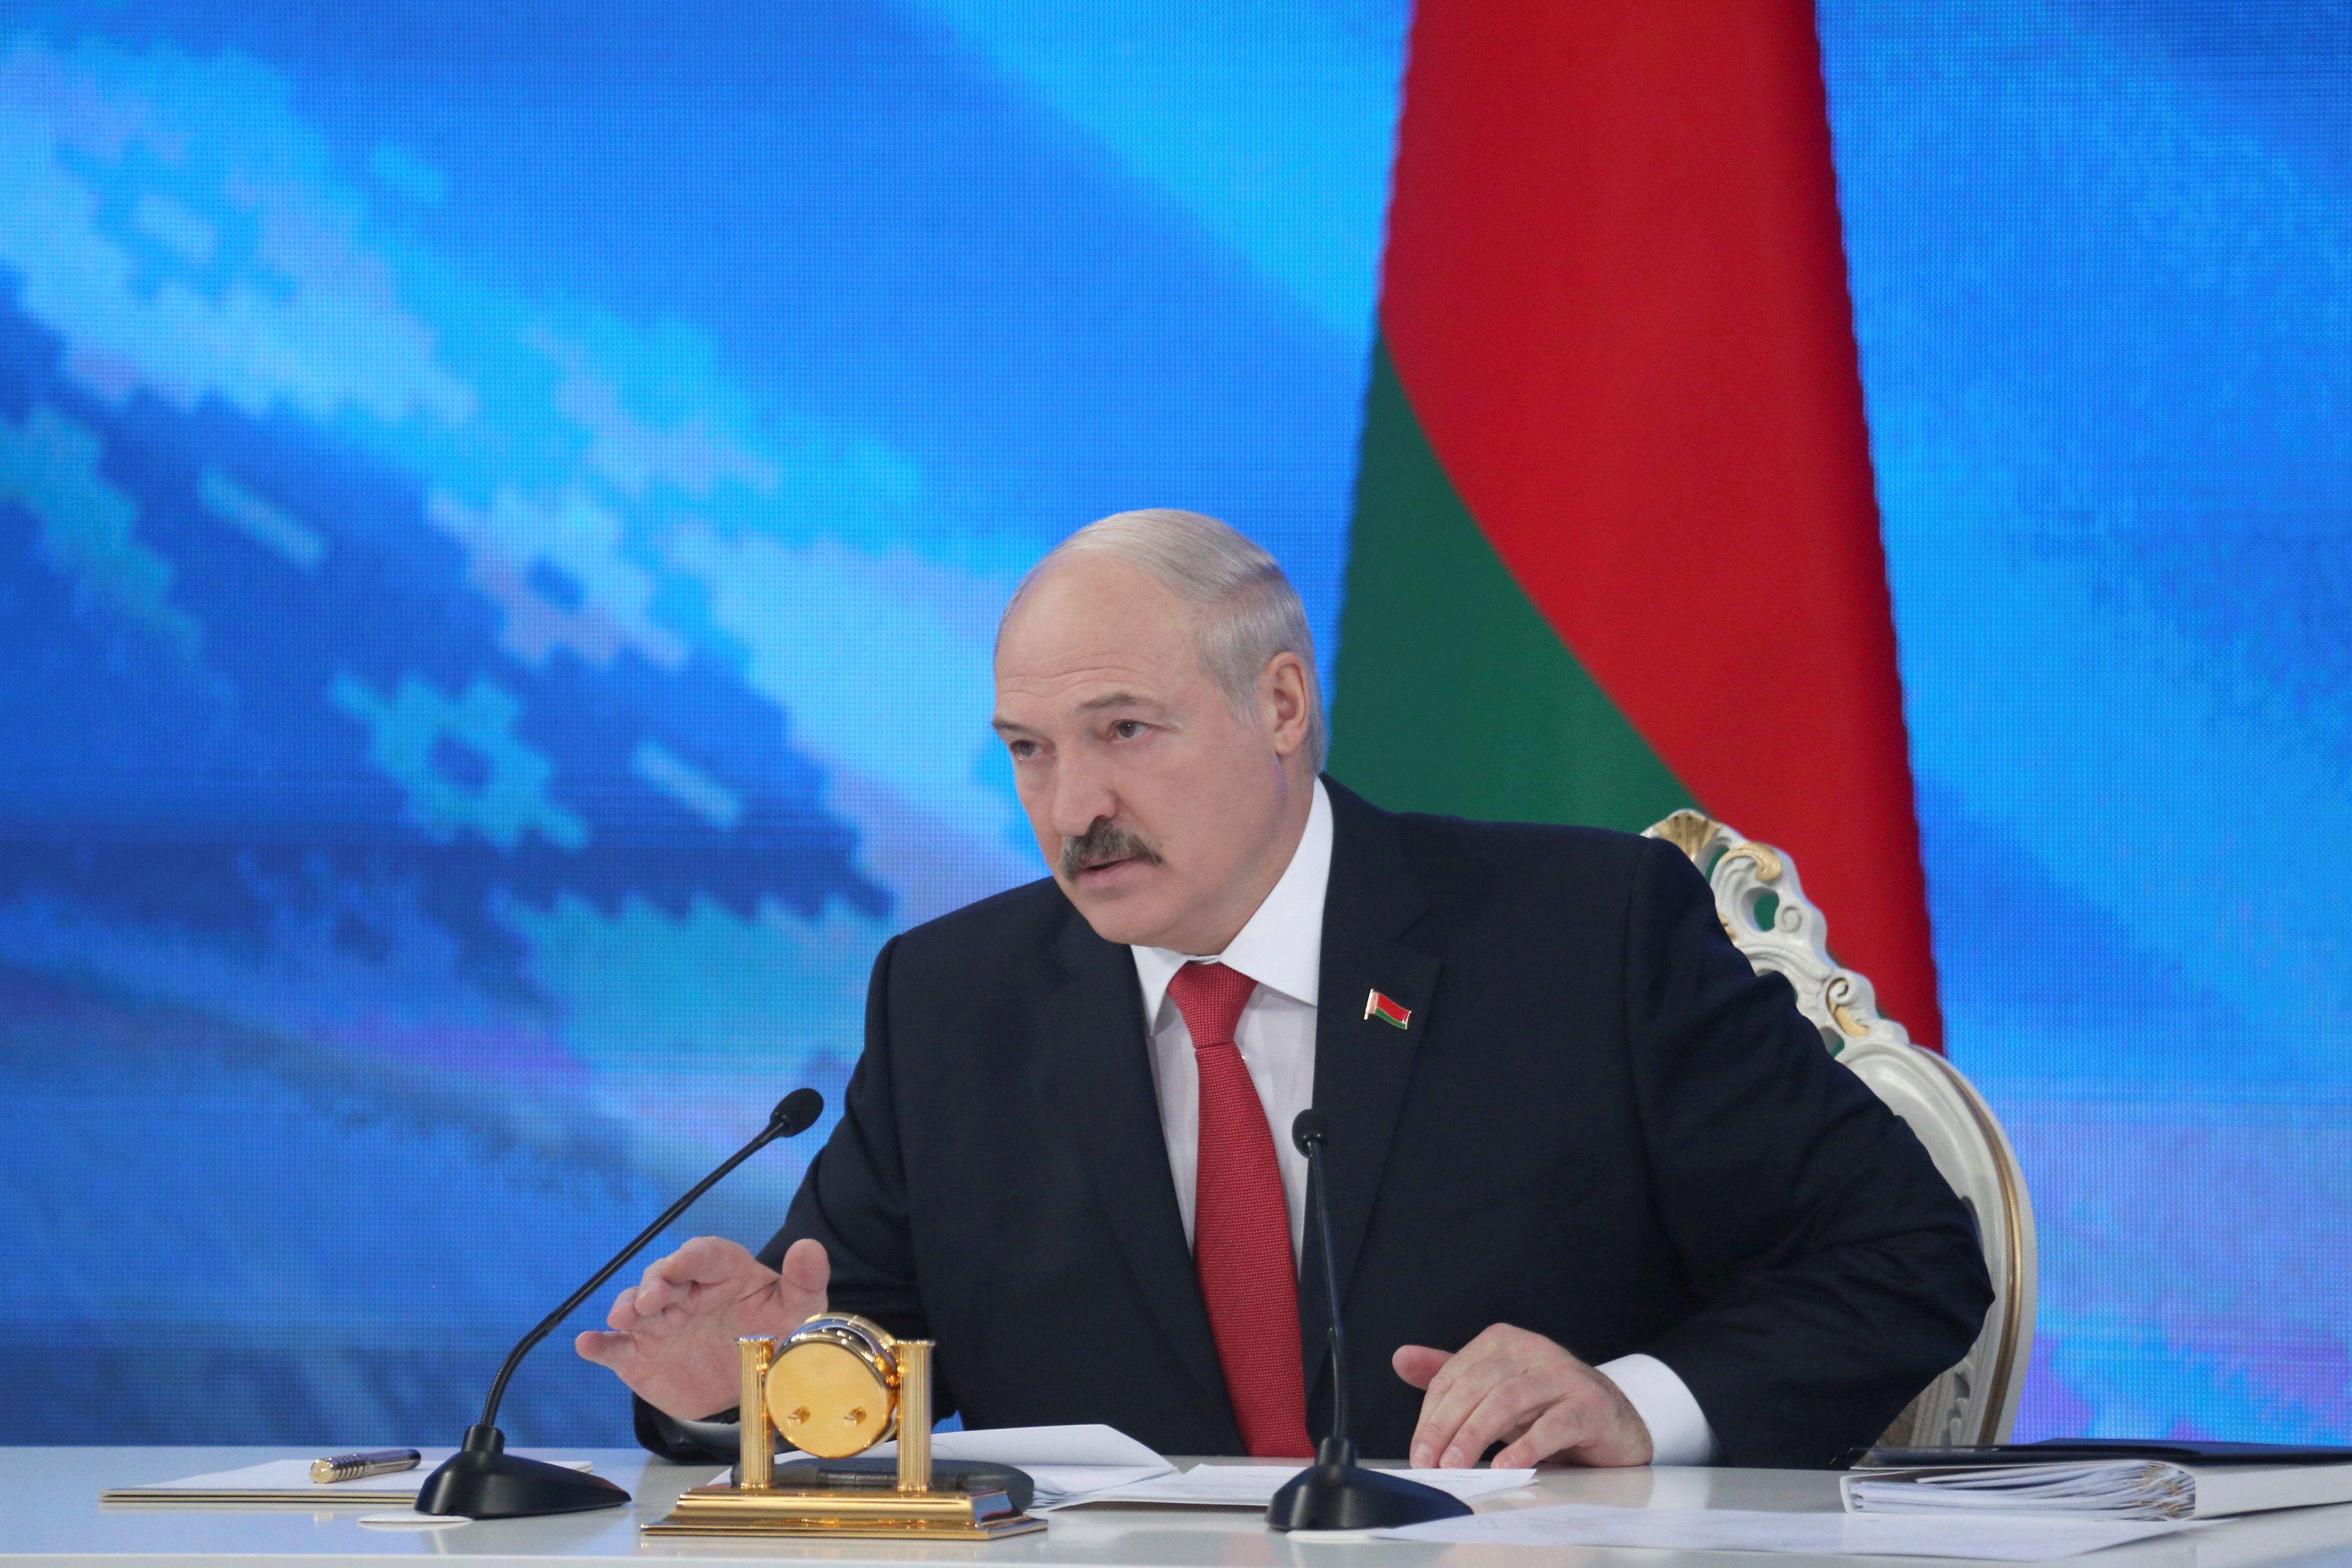 Александр Лукашенко поздравил Владимира Зеленского с избранием на пост президента на выборах в Украине 2019